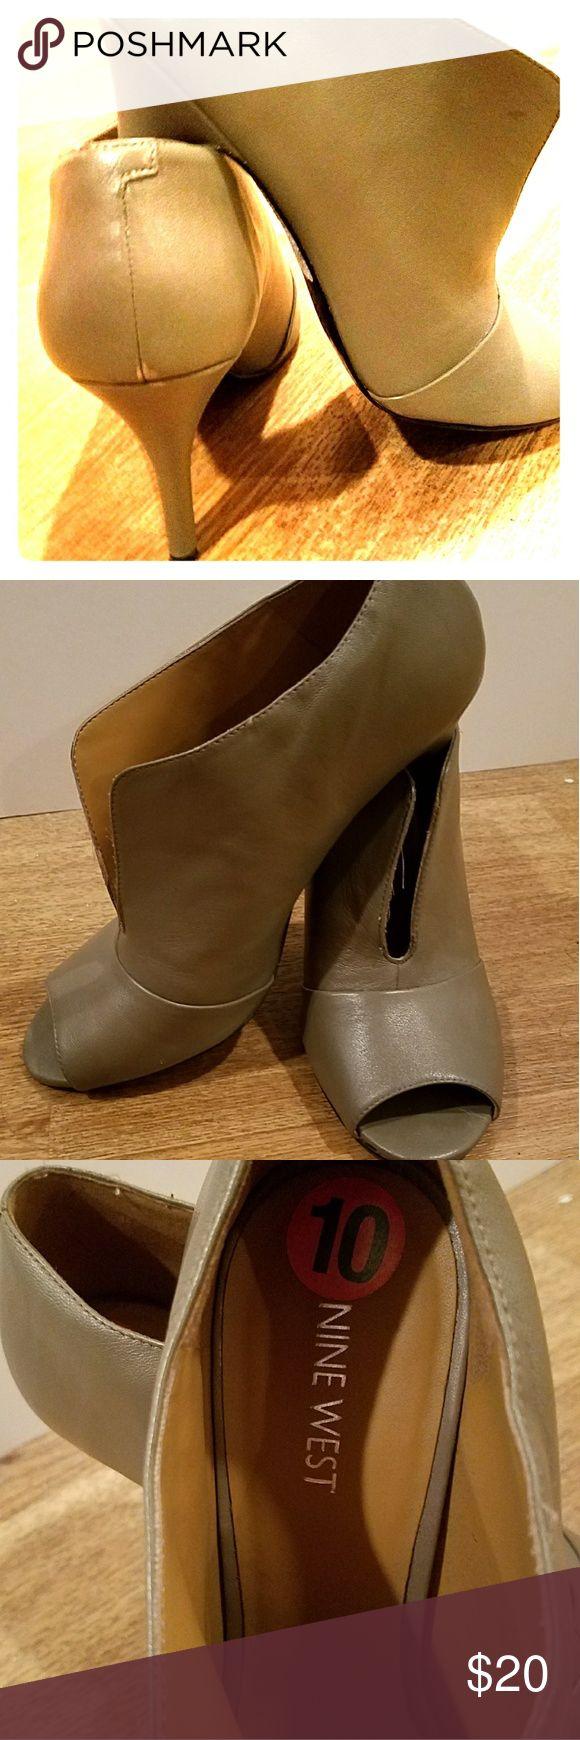 Nine West ladies shoes 3.25 inch heels Nine west Artissa style Slip-on heels in taupe. Peek-a-boo toe. Classy and elegant! Nine West Shoes Heels